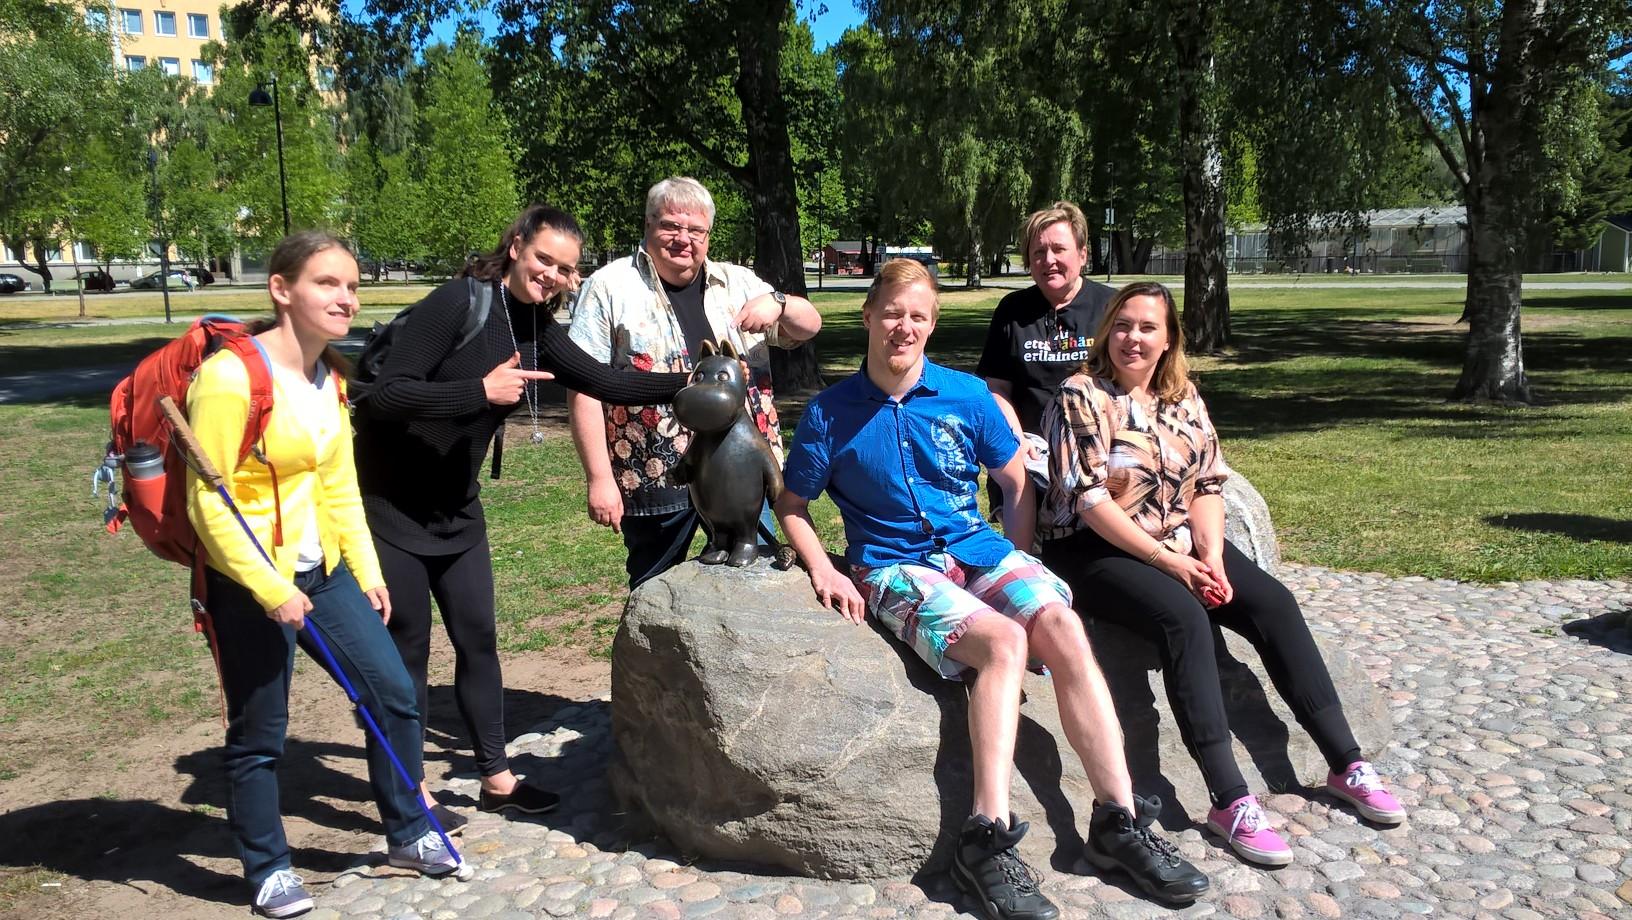 Kuva Sorsapuistosta Tampere-talon läheltä. Kuvassa muumipeikko-patsaan ympärillä: Ronja Oja, Mia Purho, Markku Vellas, Osku Timonen, Jaana Teräväinen, Veera Virta.